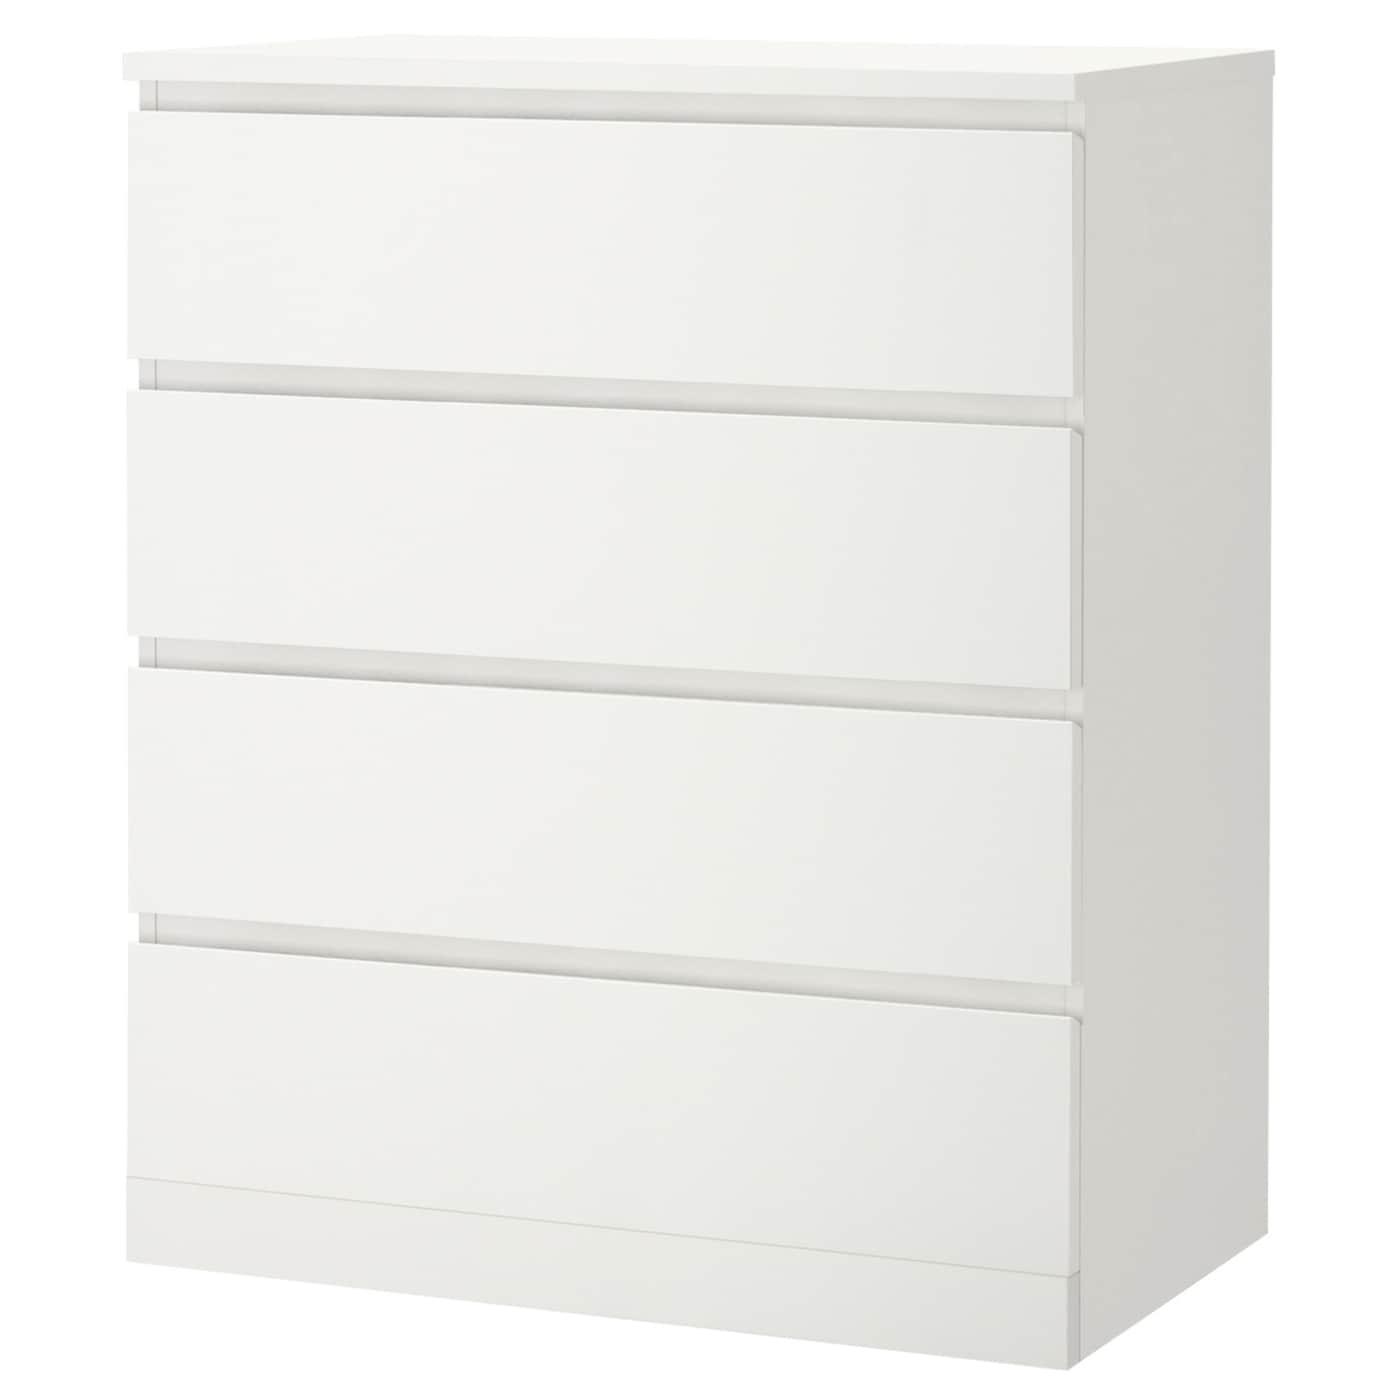 MALM Kommode mit 4 Schubladen - weiß 80x100 cm